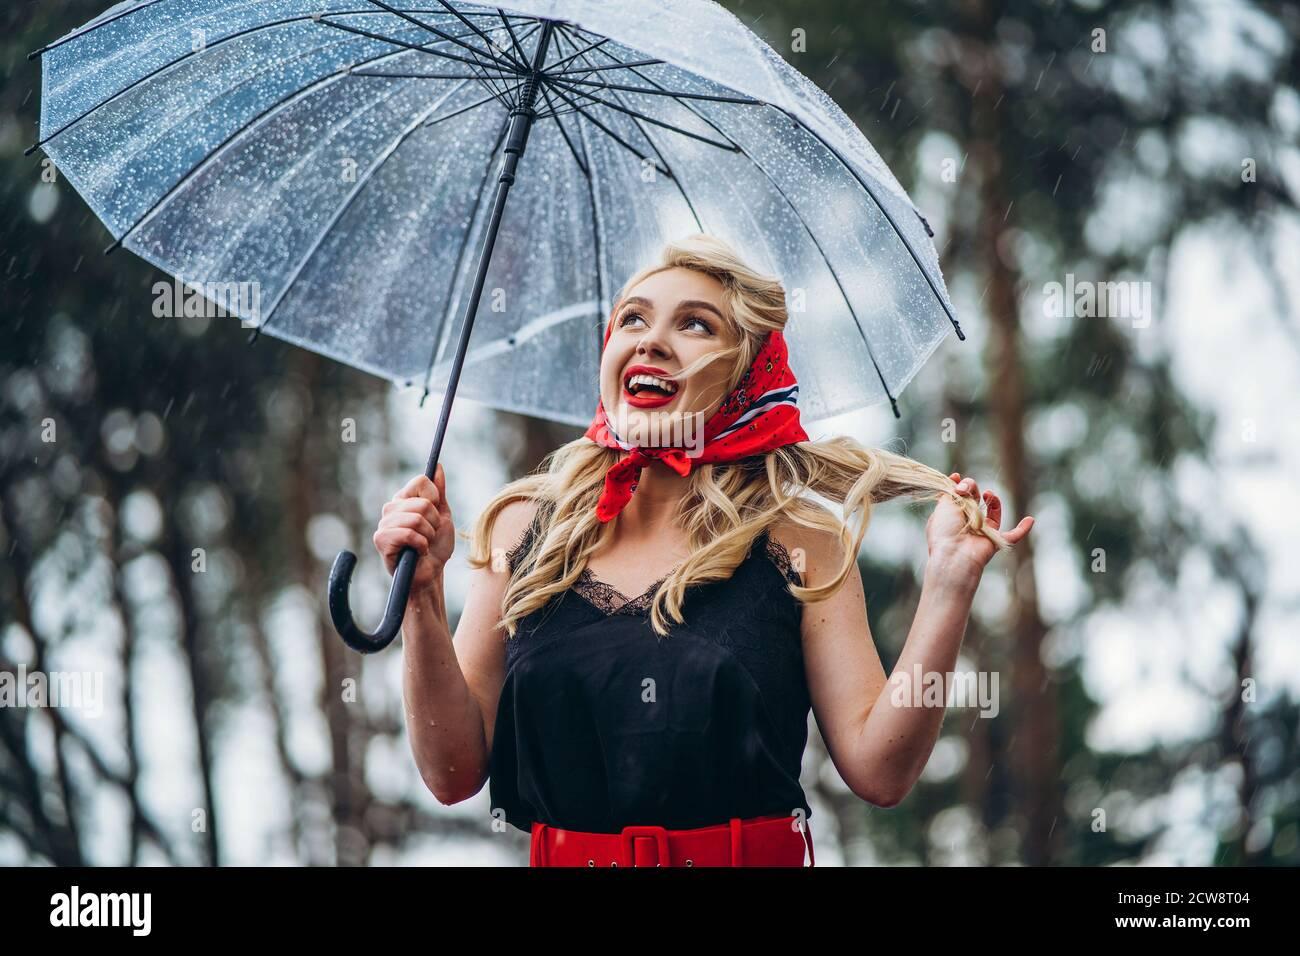 Joyeux blond stylé avec des lèvres rouges qui marchent jour de pluie à l'extérieur avec parapluie transparent Banque D'Images